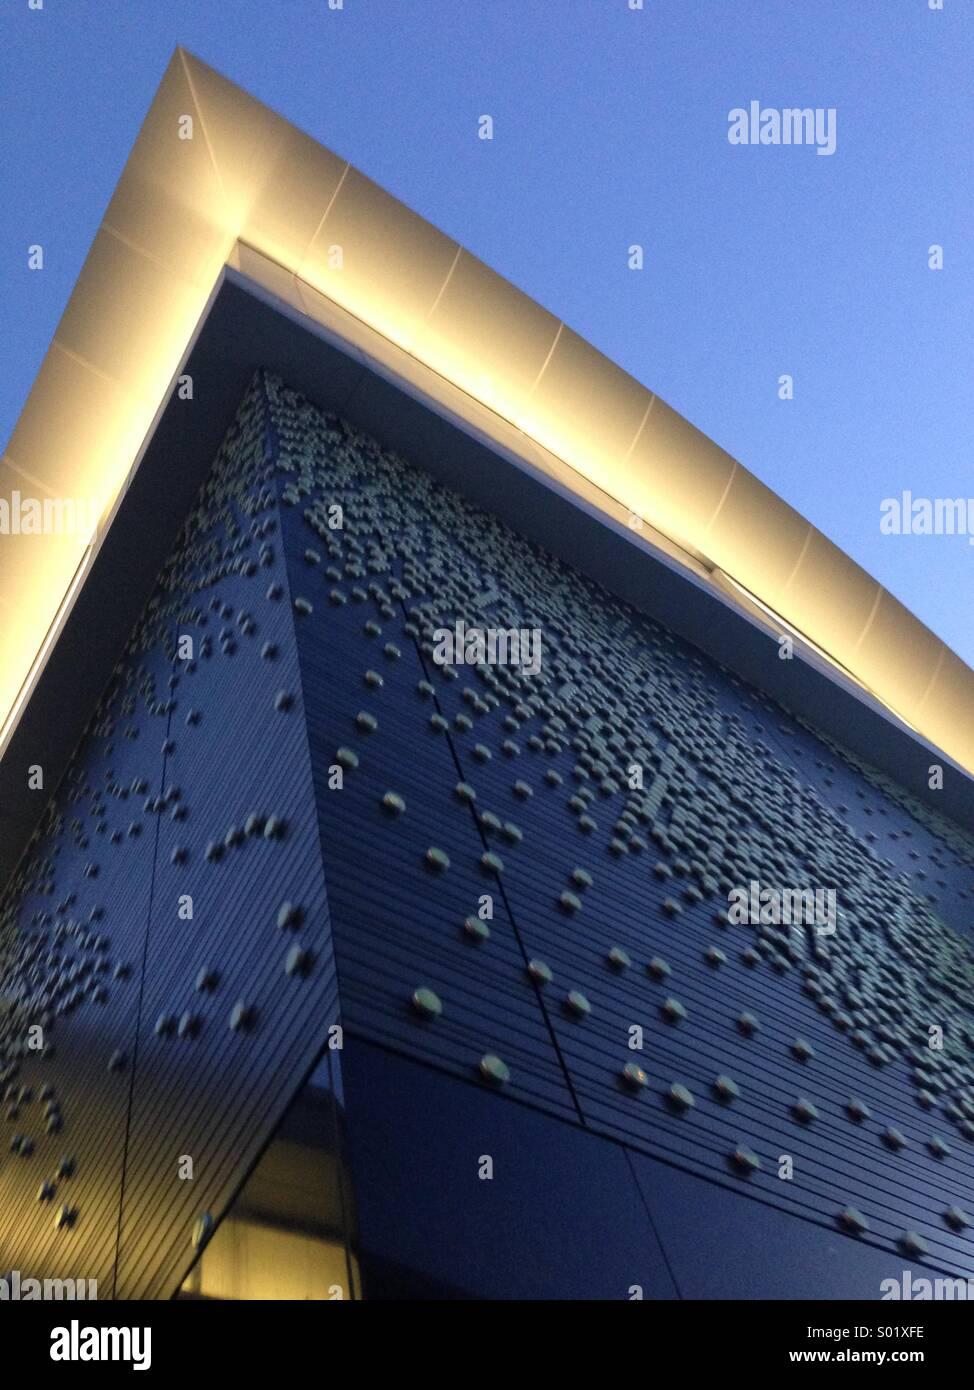 Zeitgenössische Architektur in Arlington, Virginia in der Abenddämmerung. Stockbild